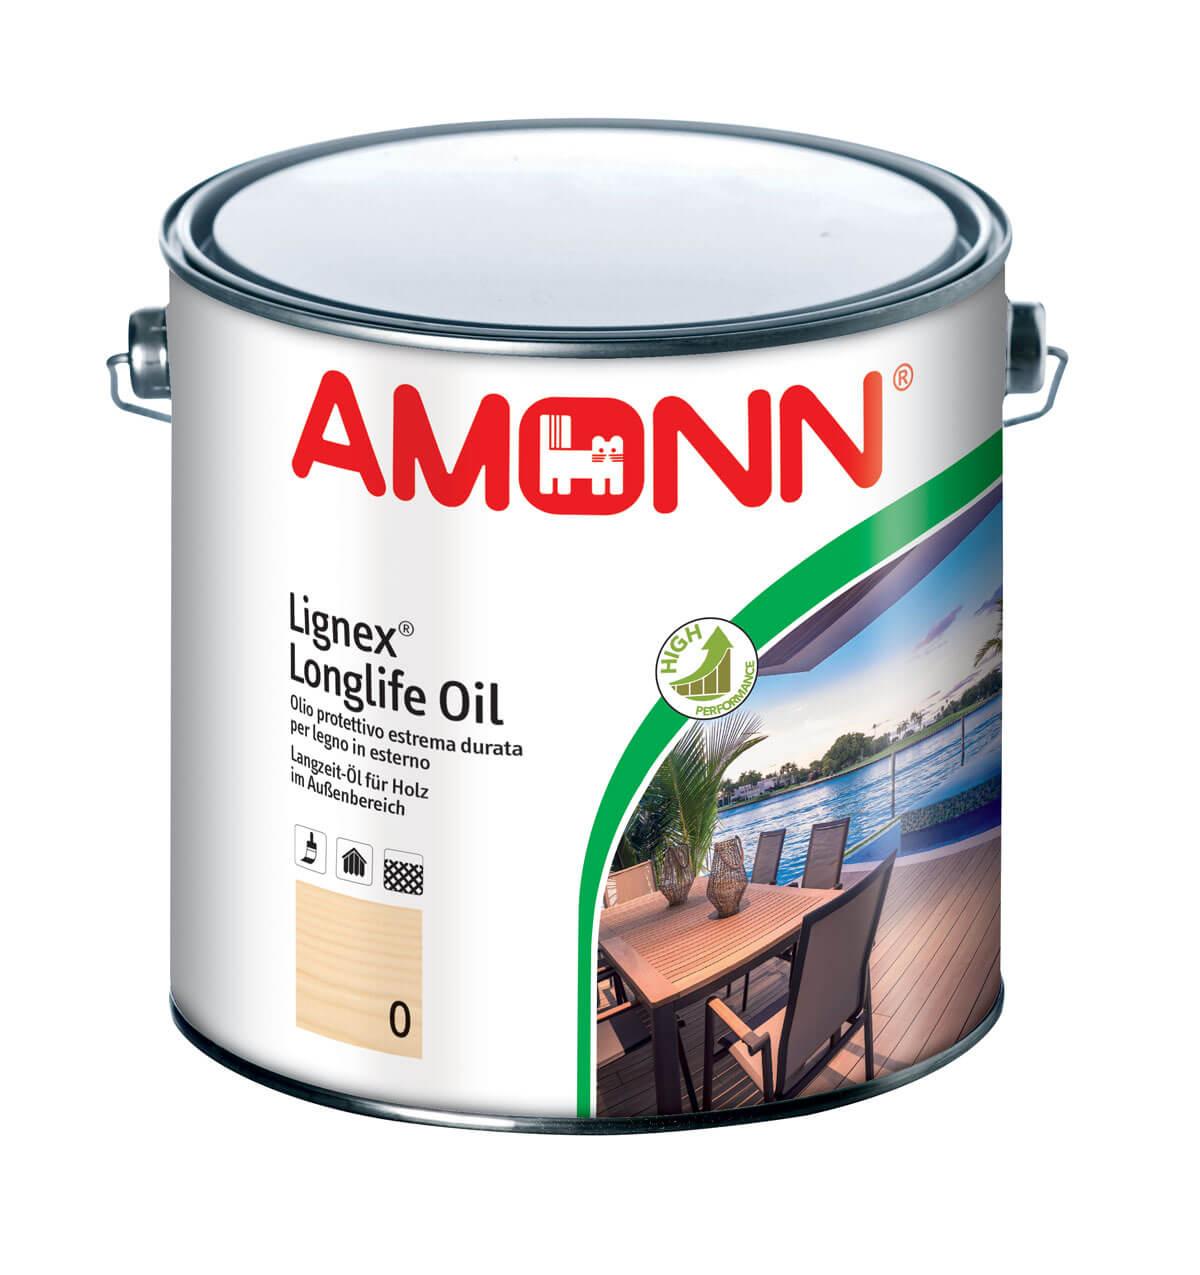 Lignex Longlife Oil